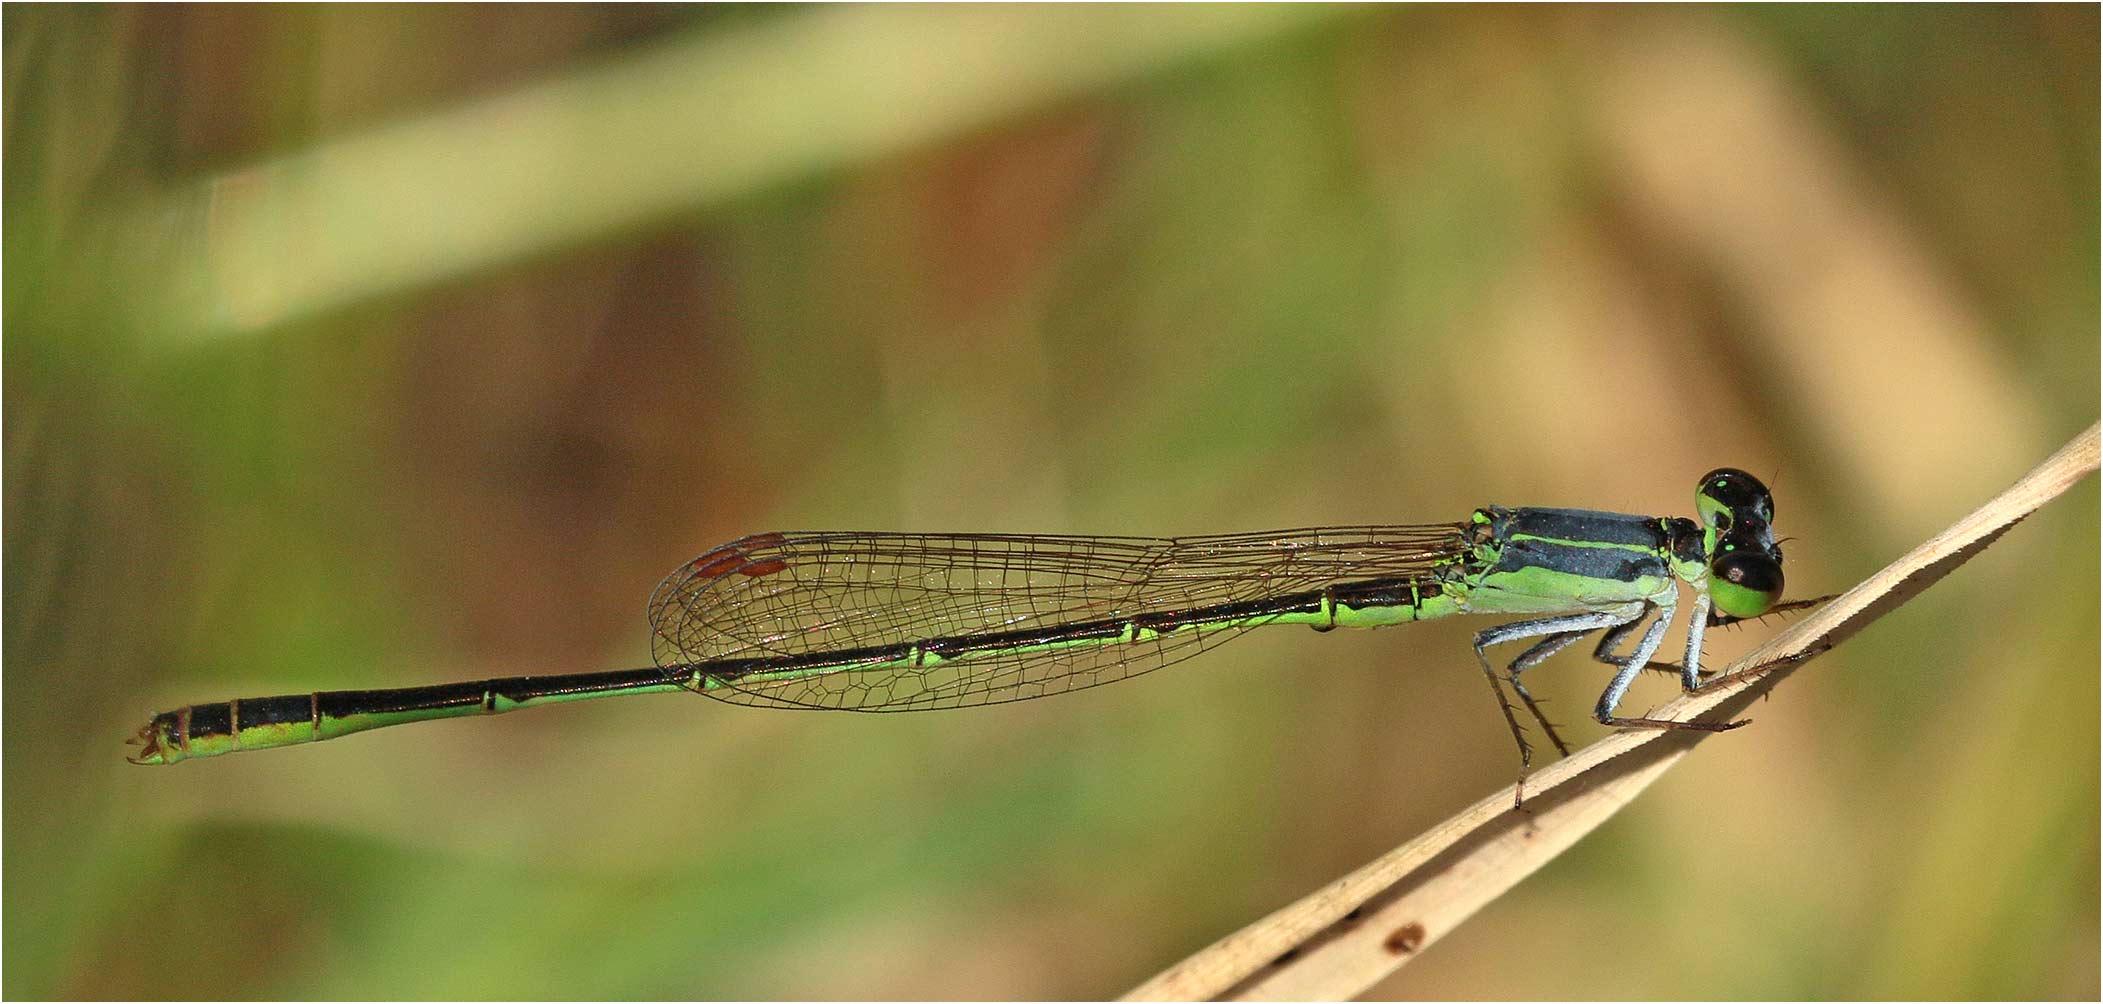 Agriocnemis inversa mâle, Ethiopie, lac Langano, 31/10/2018